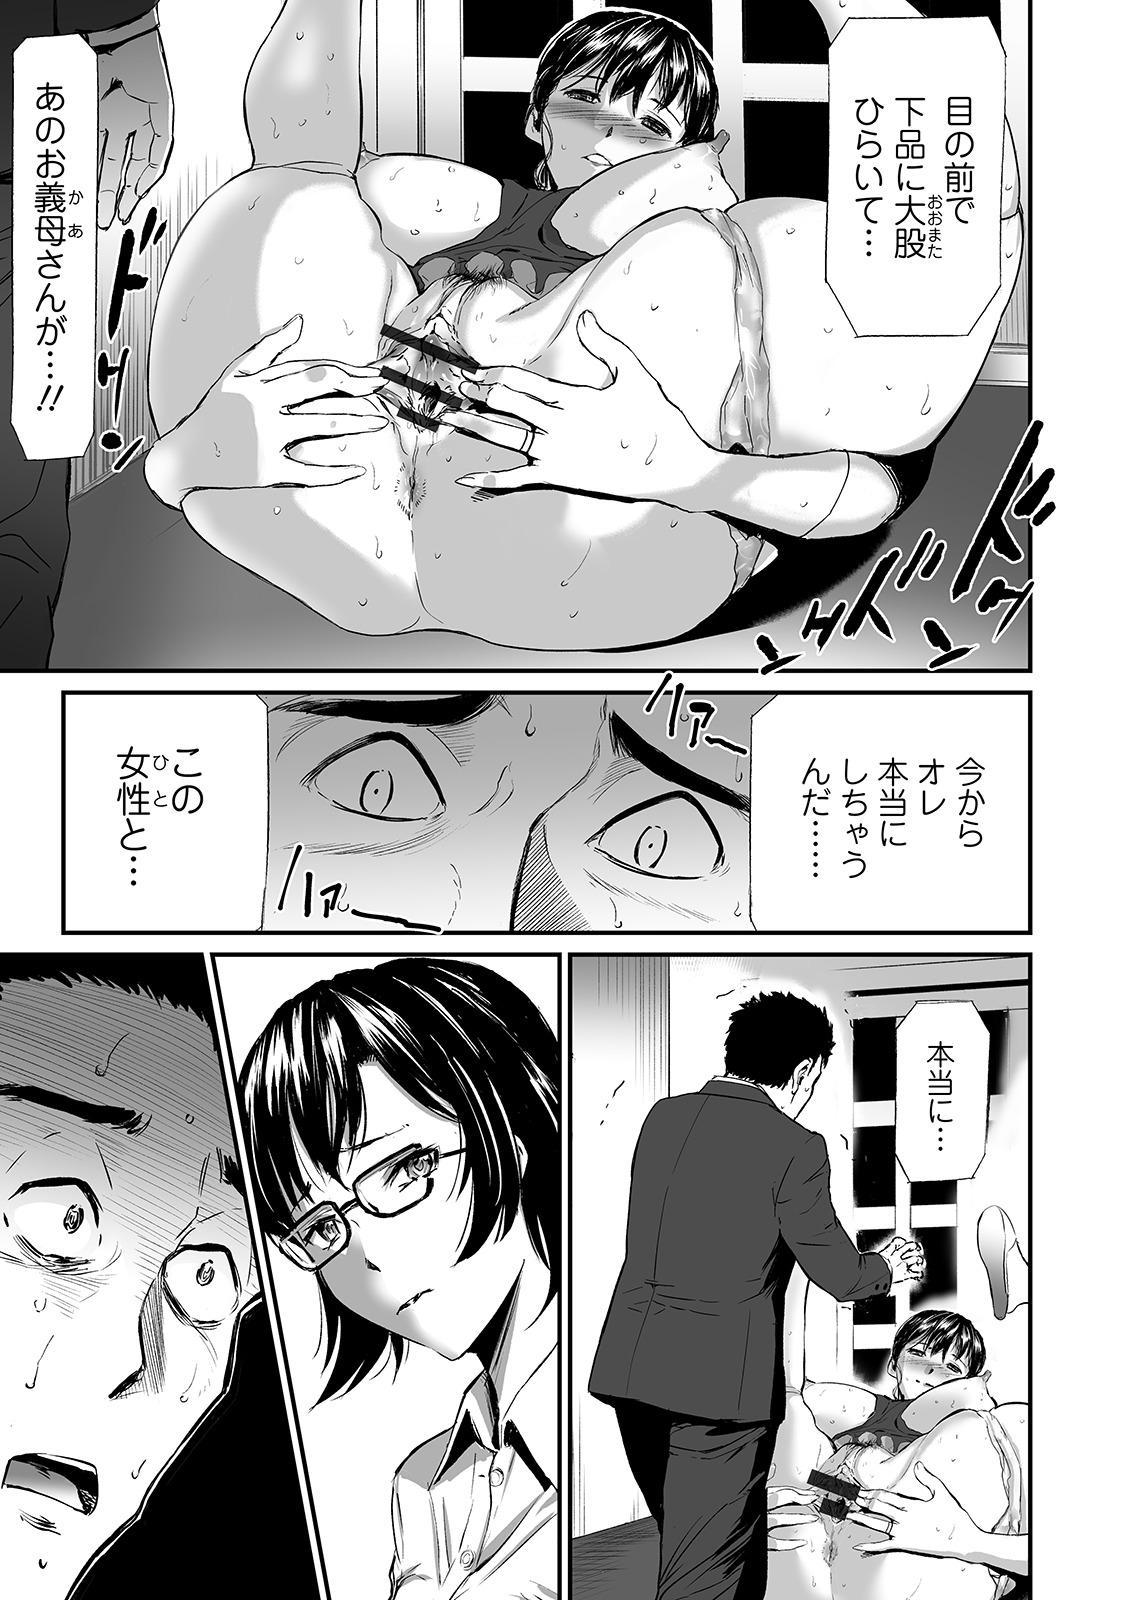 Web Comic Toutetsu Vol. 49 28